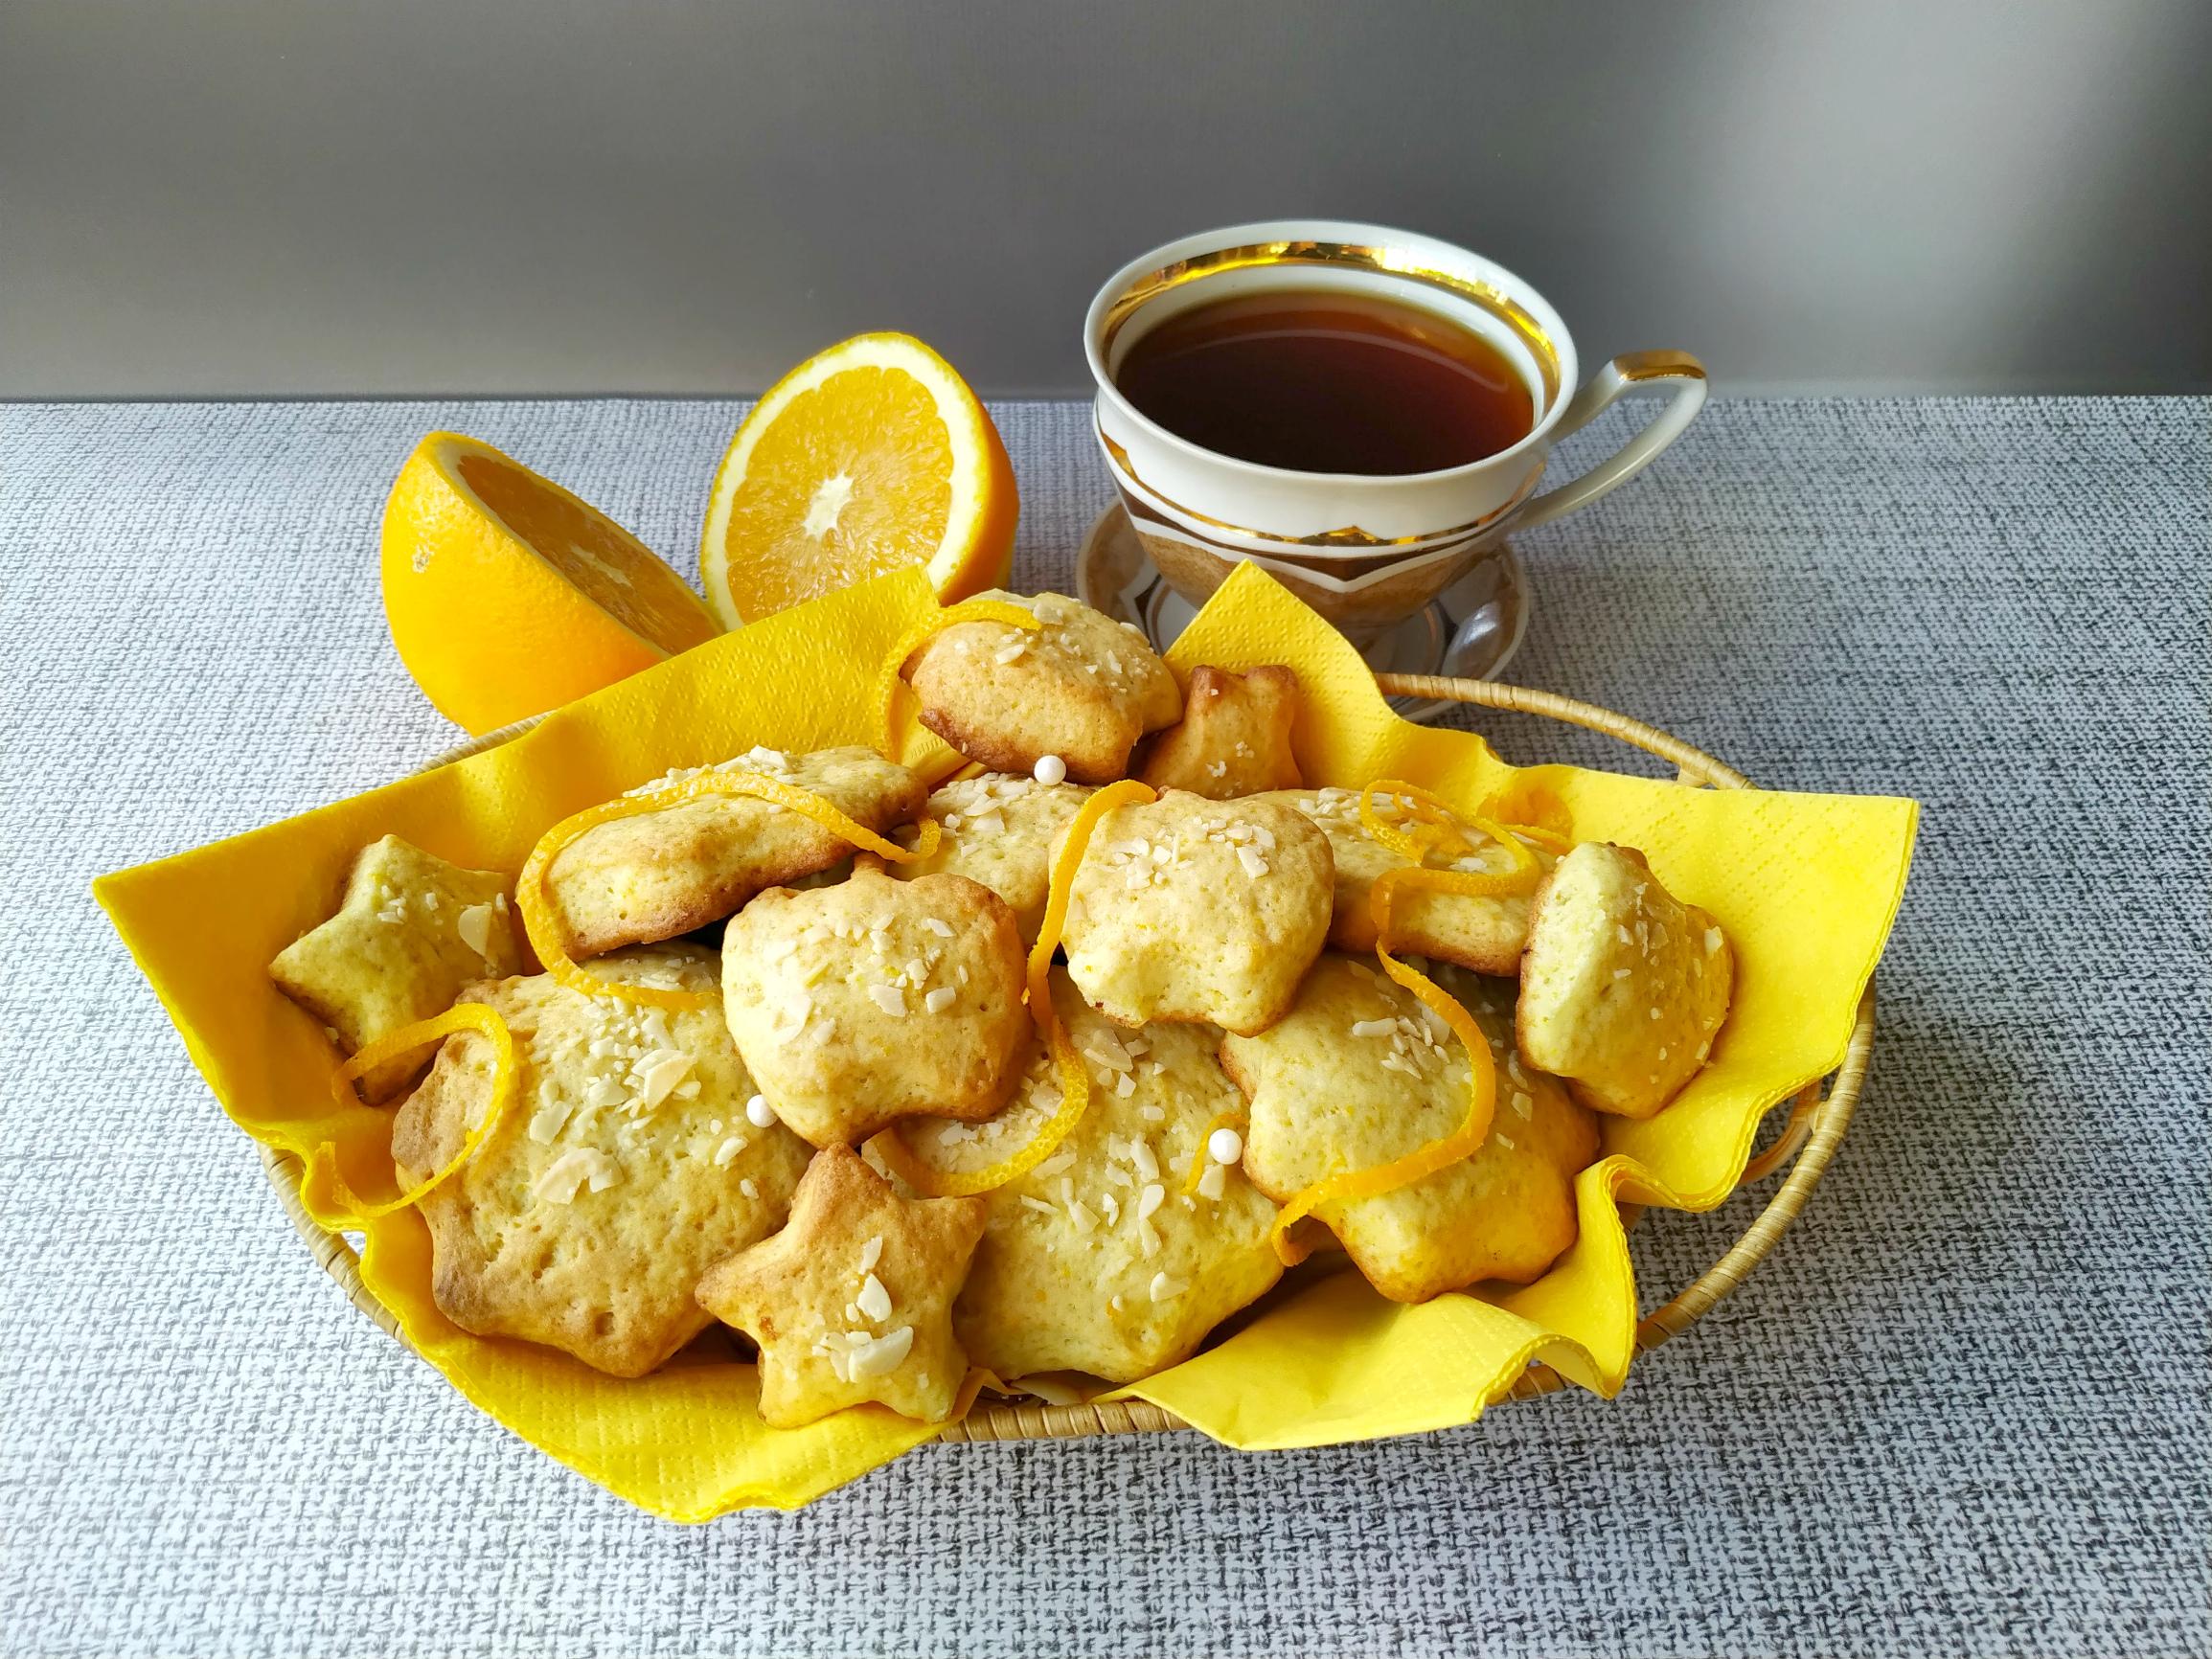 Апельсиновое печенье, всегда готовлю его на сладкий стол детям печенье, просто, выпечки, масло, очень, тесто, Сегодня, смесьРаскатываем, мучную, вводим, постепенно, апельсина, смеси, сливочной, Добавляем, толщиной, солью, разрыхлителем, Смешиваем, сокГотовим